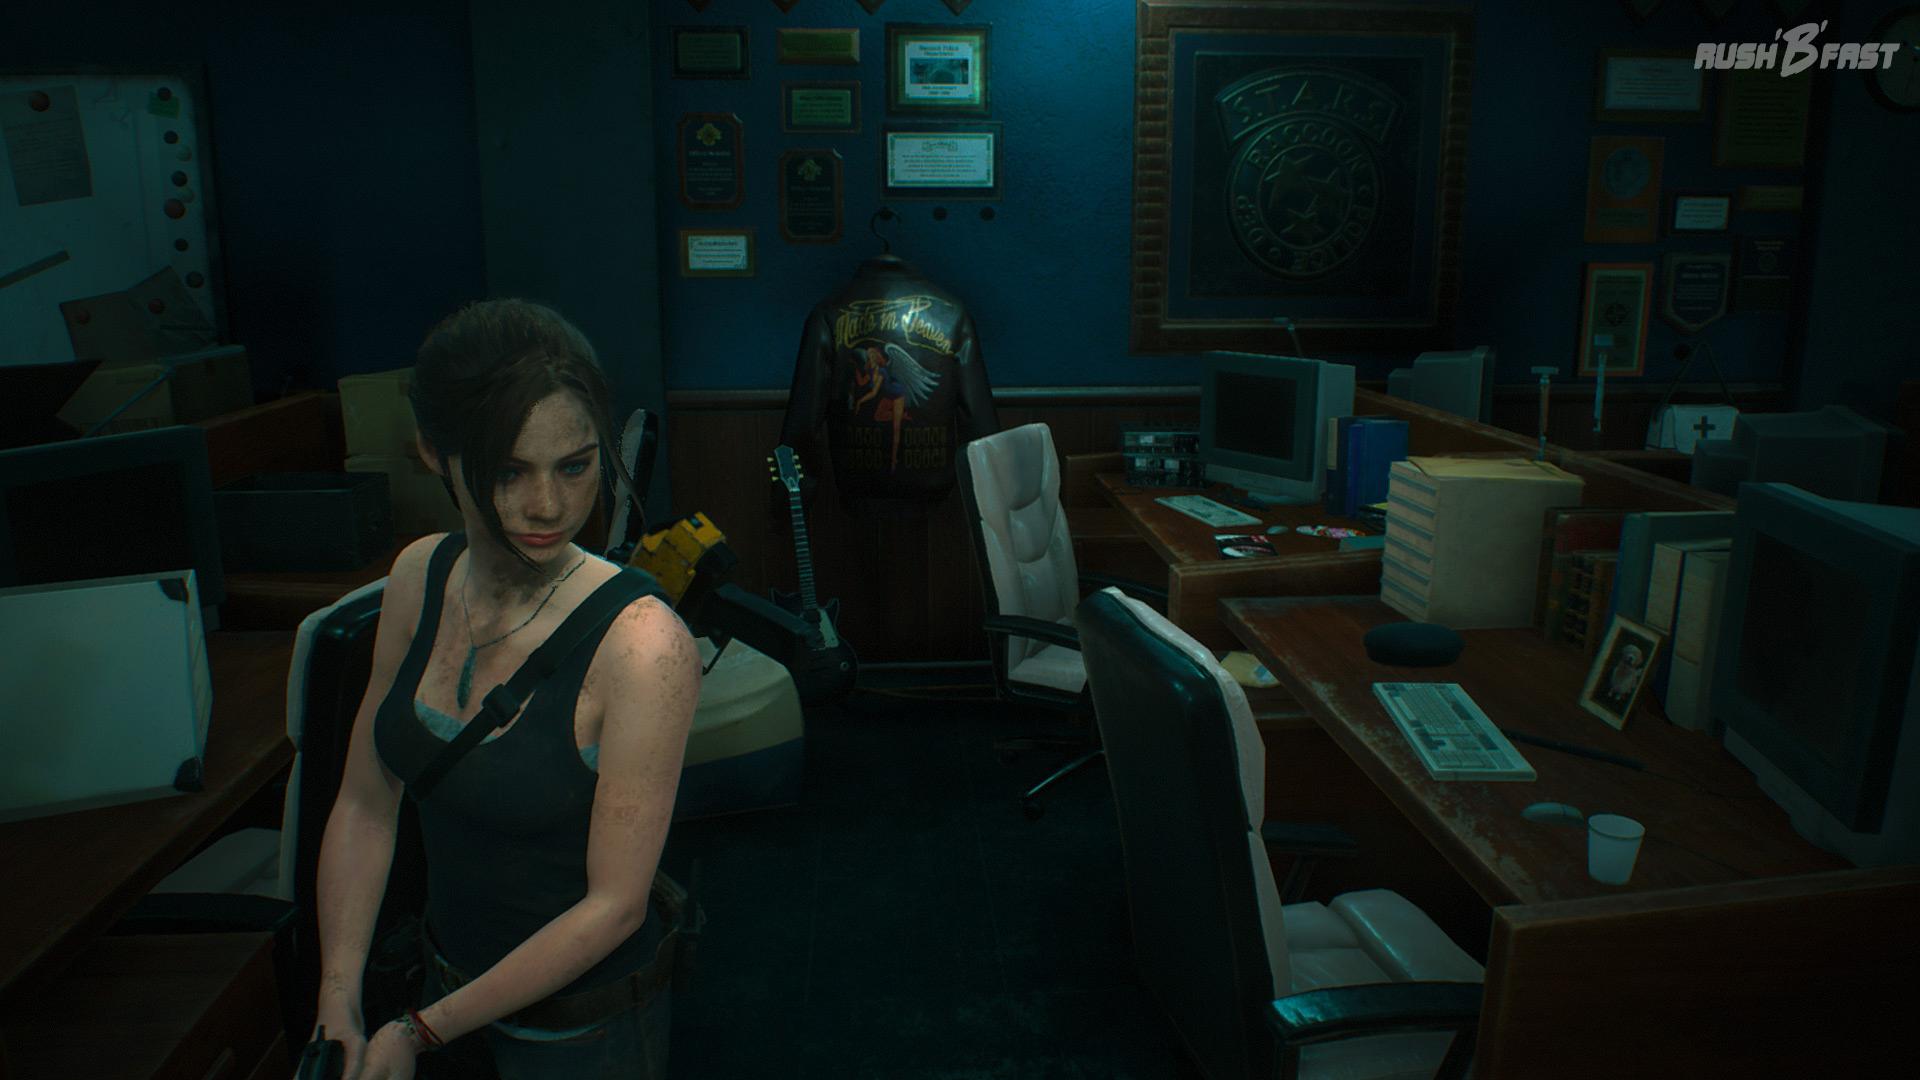 Resident Evil 2 (2019) - Claire durchsucht das liebevoll rekonstruierte Büro der S.T.A.R.S